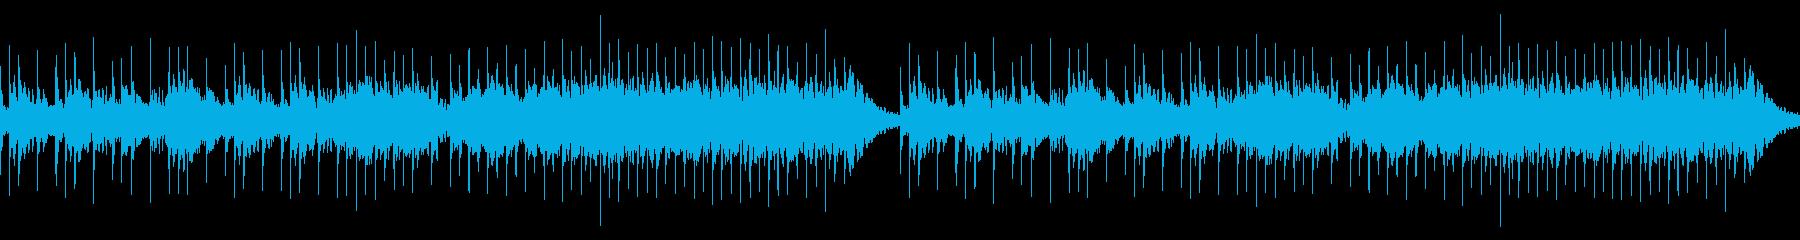 冬のフィールドBGM ループの再生済みの波形